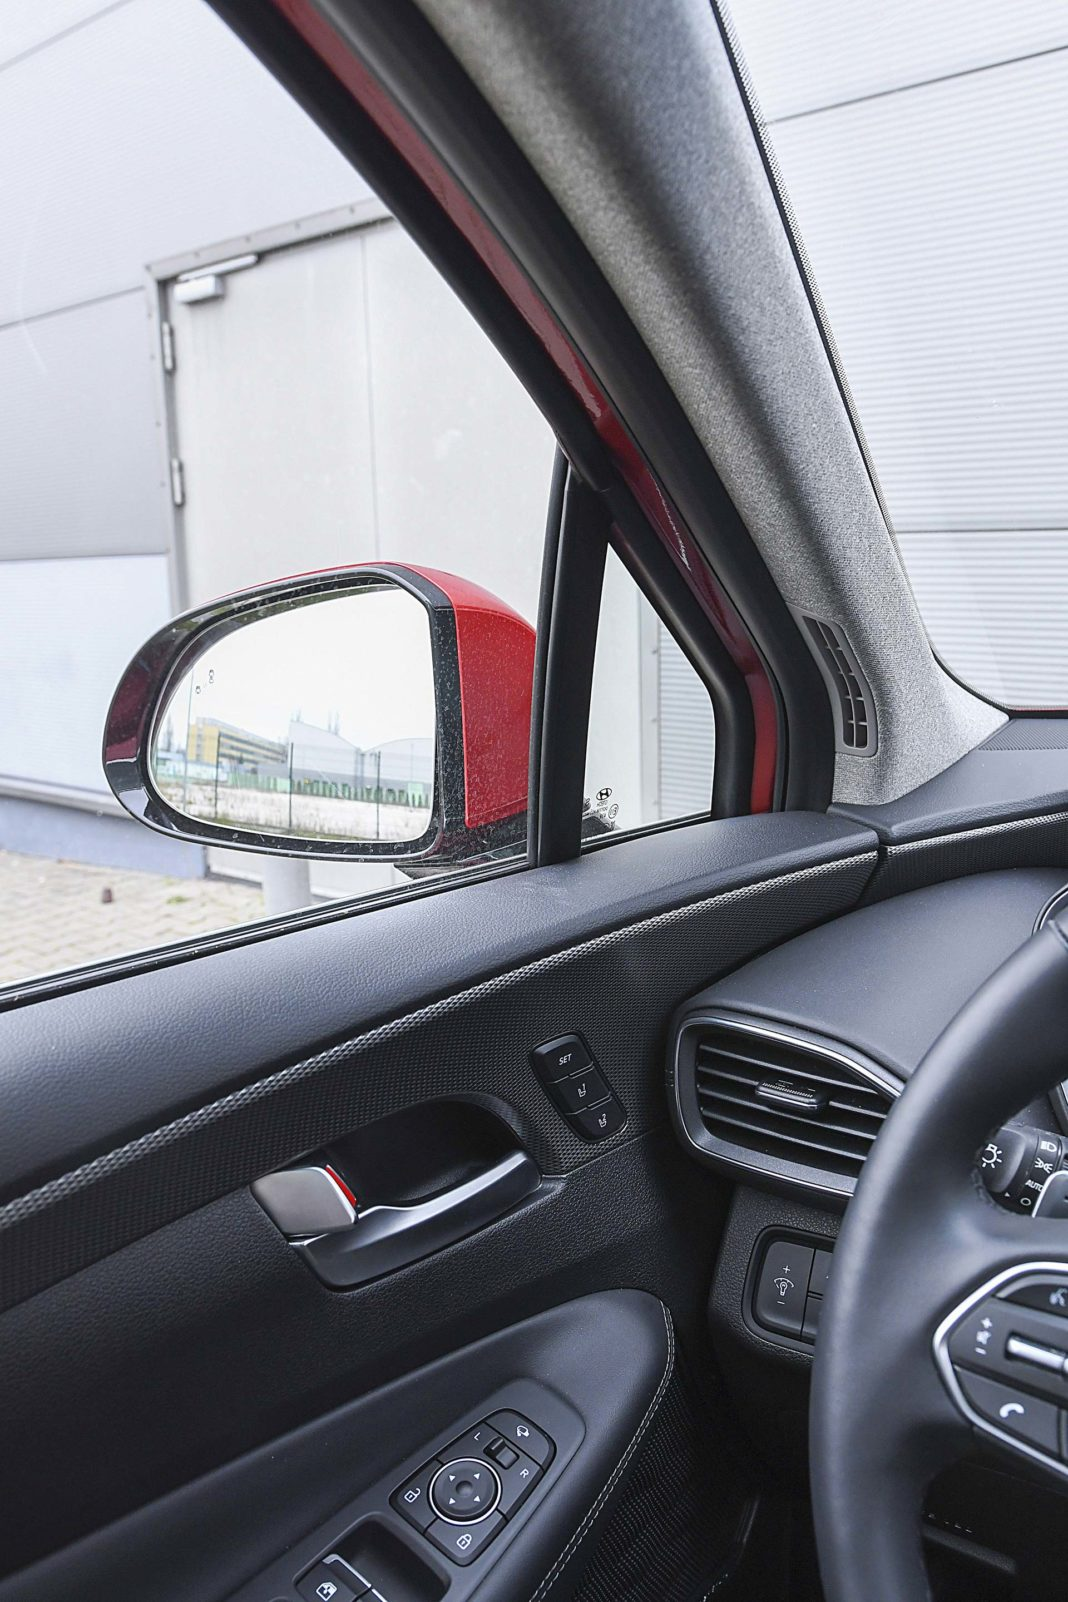 Hyundai Santa Fe 2.0 CRDi 8AT 4WD - słupek i lusterko